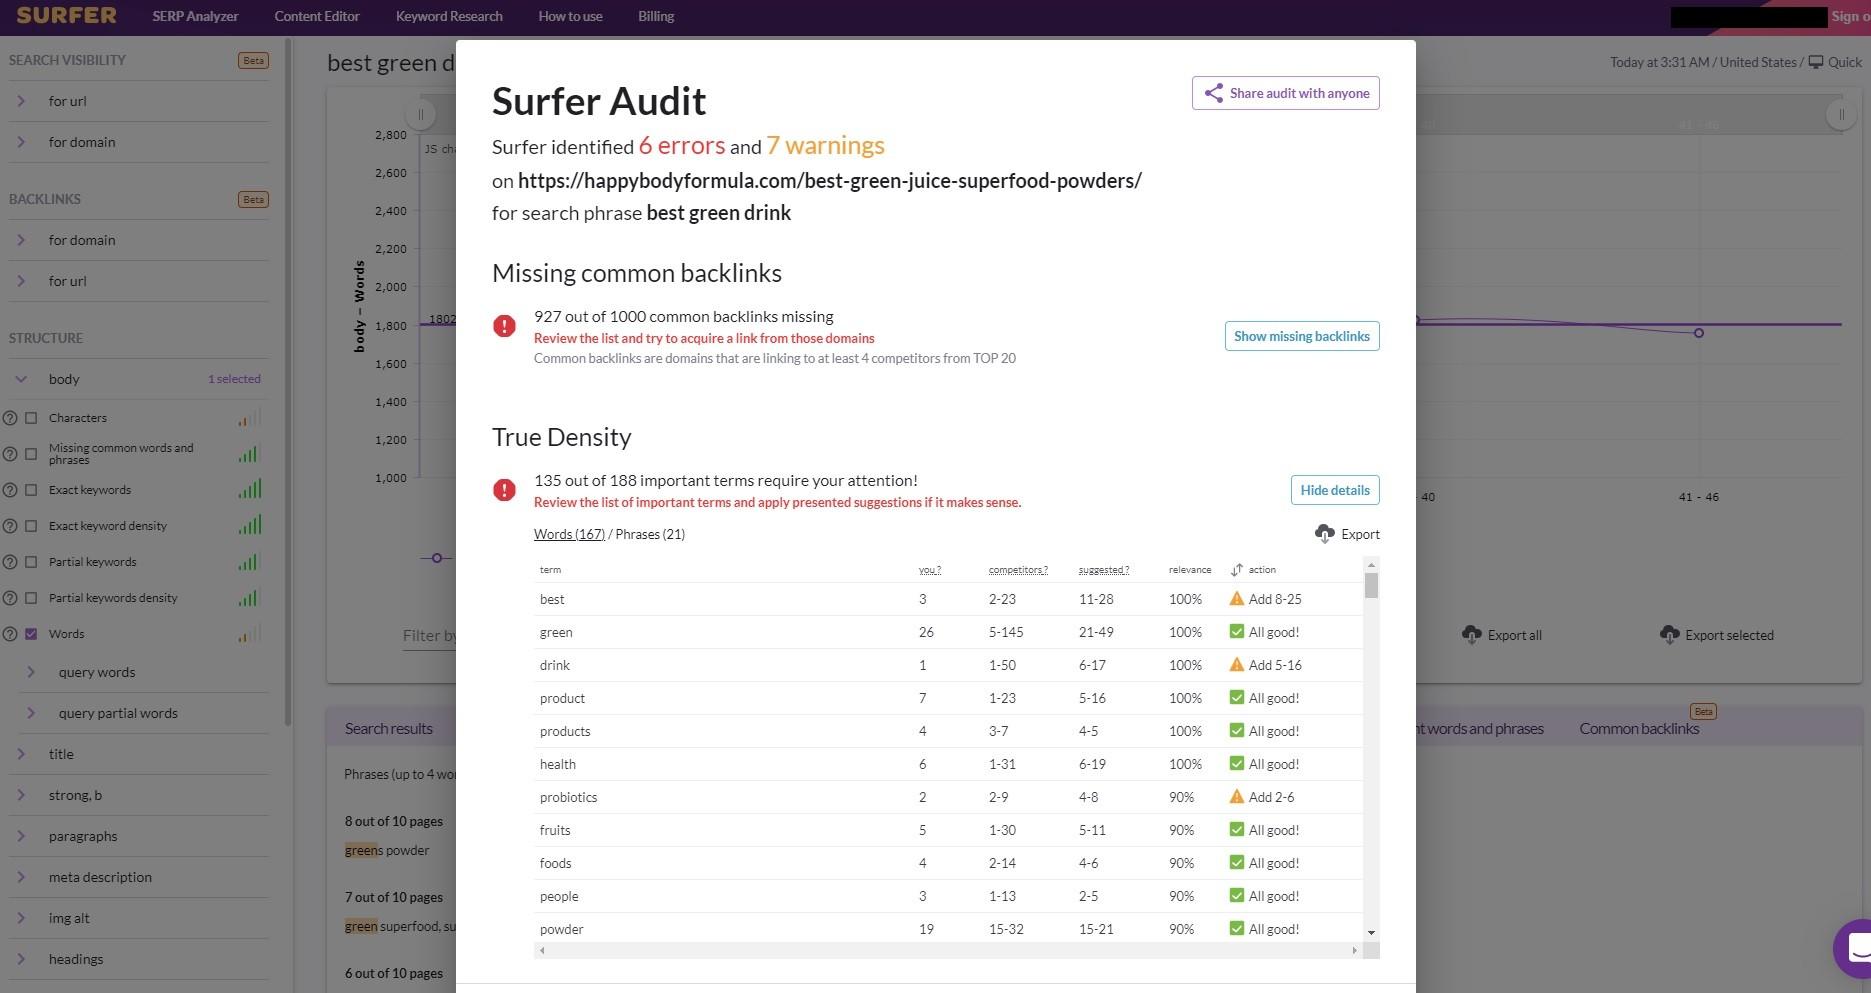 Surfer Audit